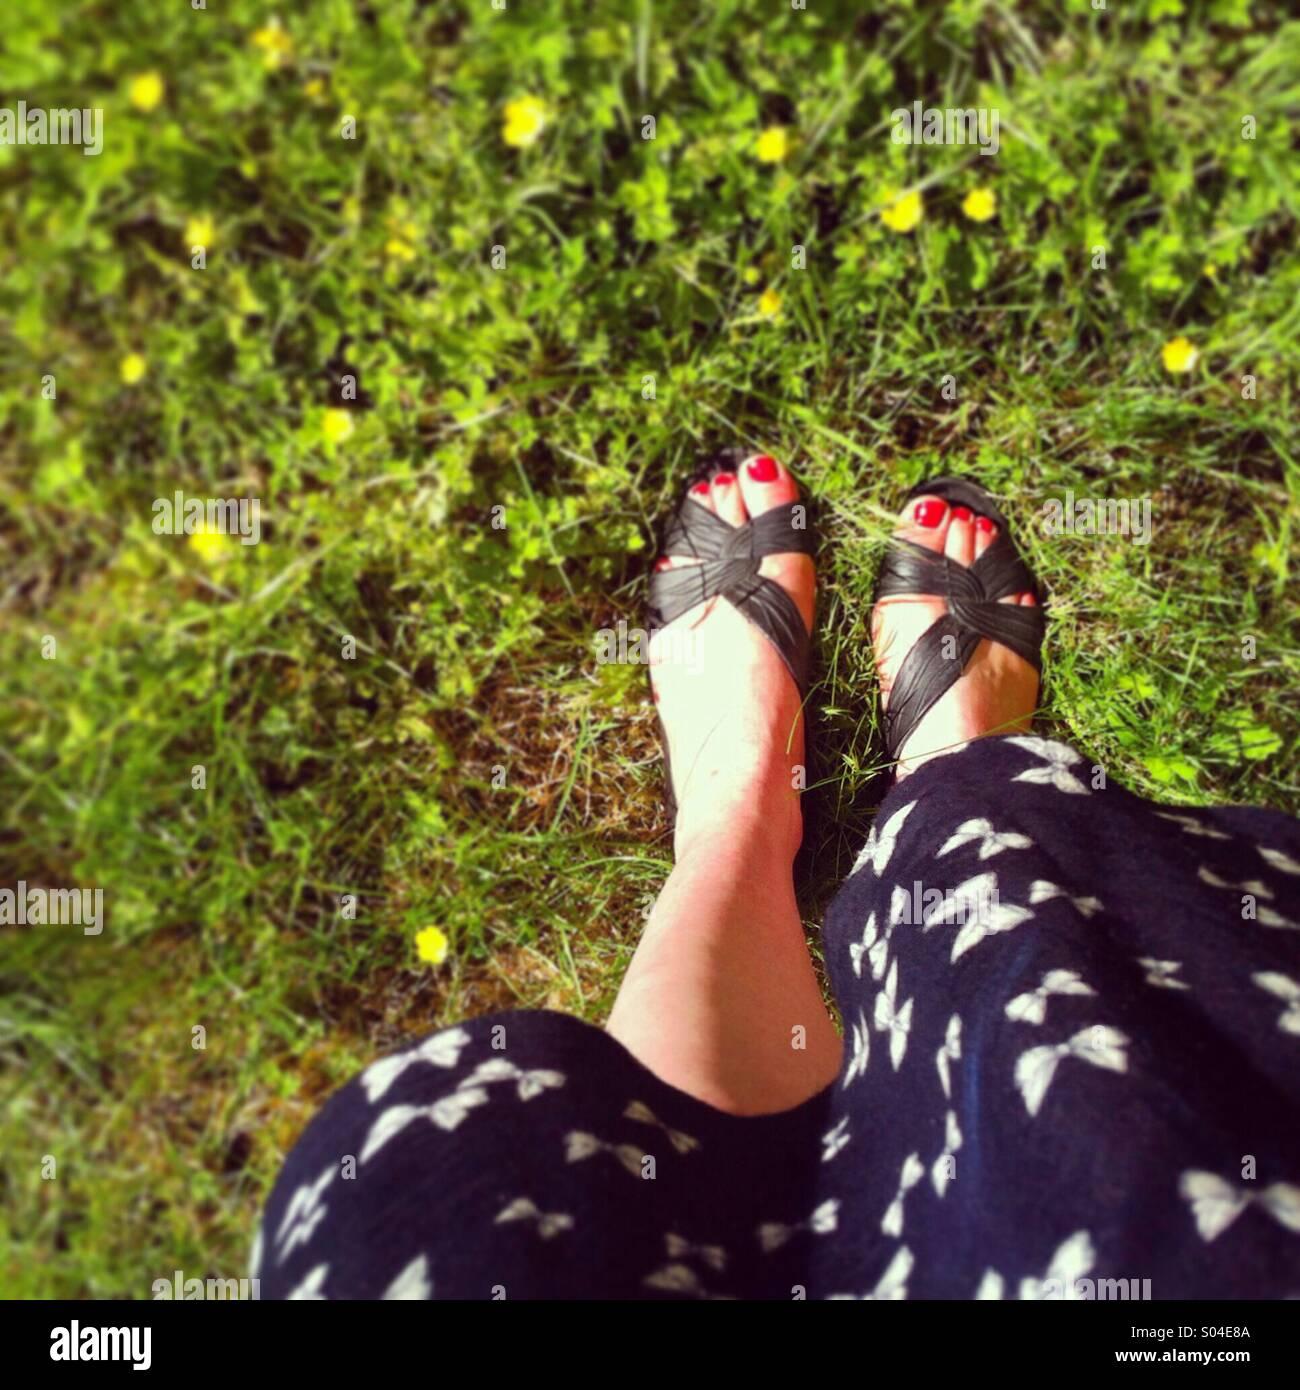 Blickte auf Füße in Sandalen und ein Sommerkleid, stehend auf einem LAN mit kleinen gelben Blüten Stockfoto